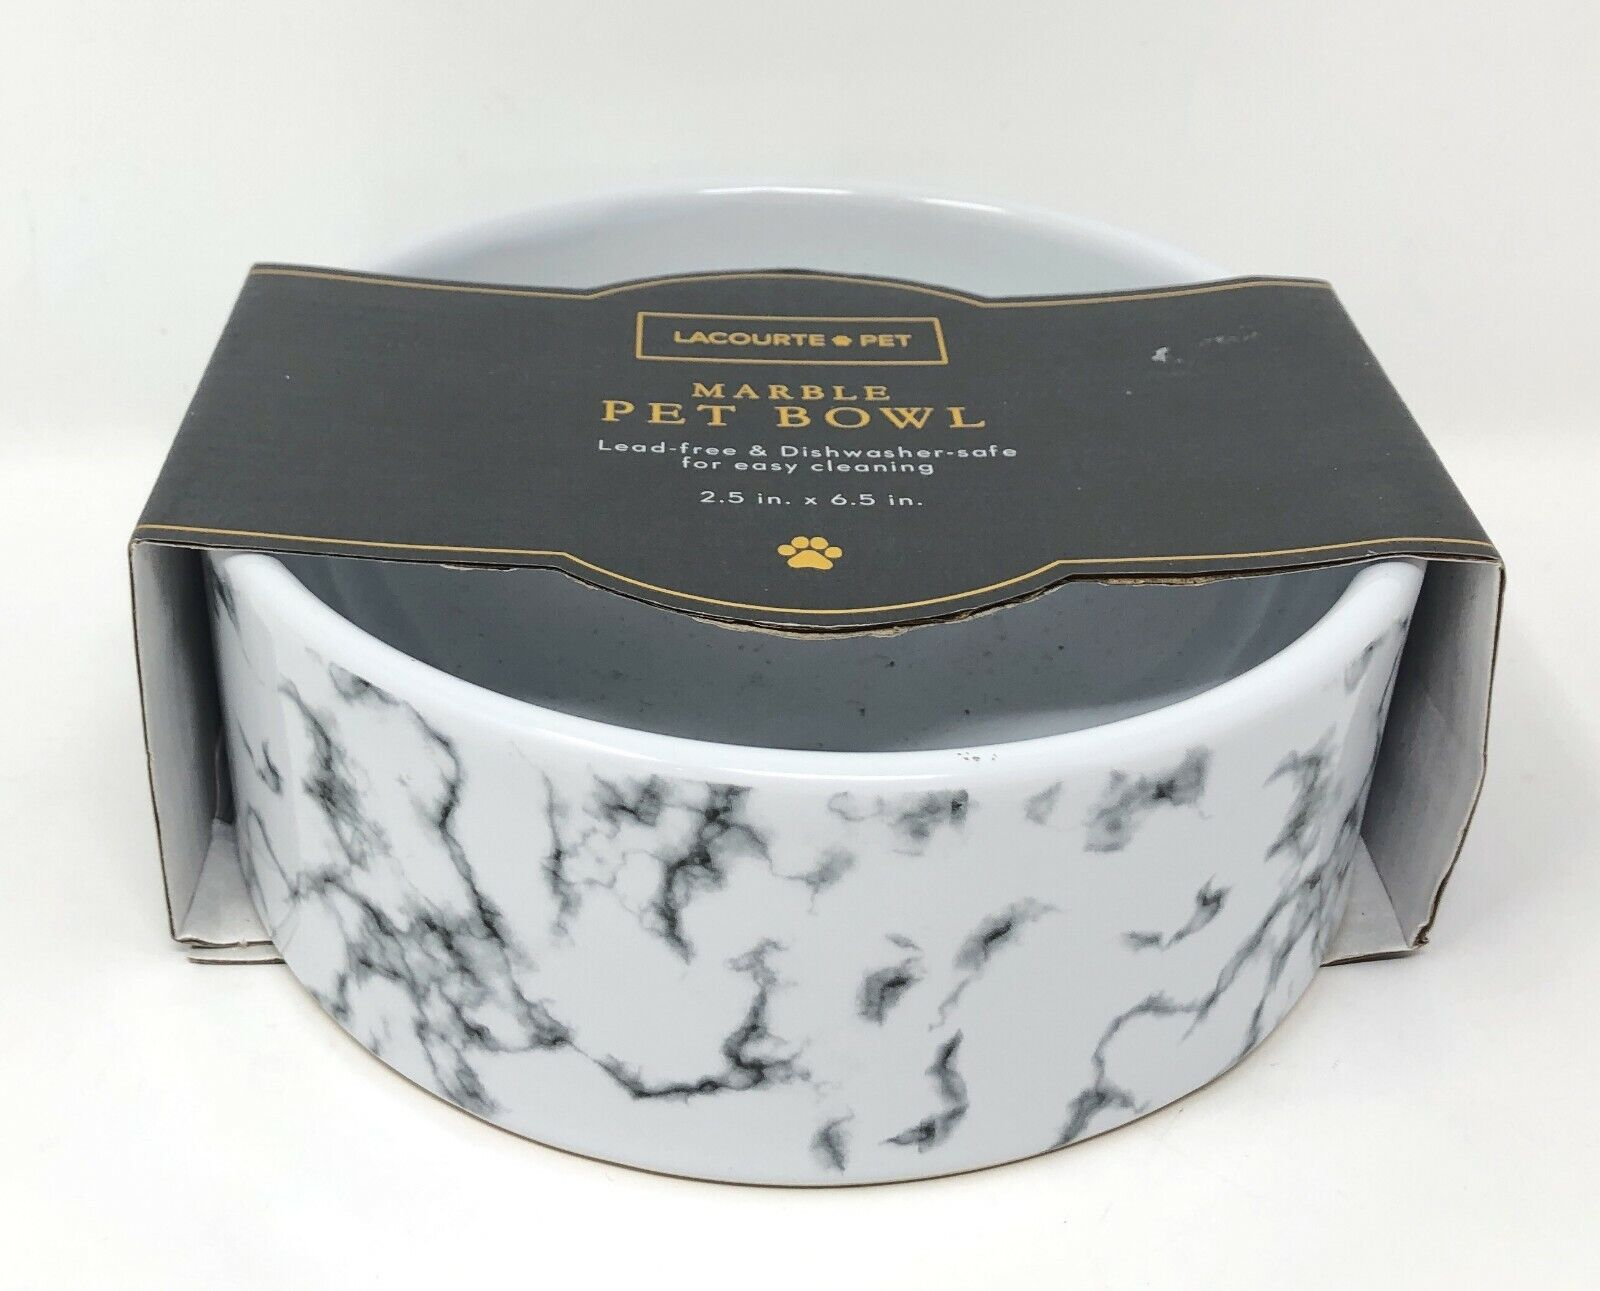 Lacourte Pet Marble Pet Food Bowl - New!